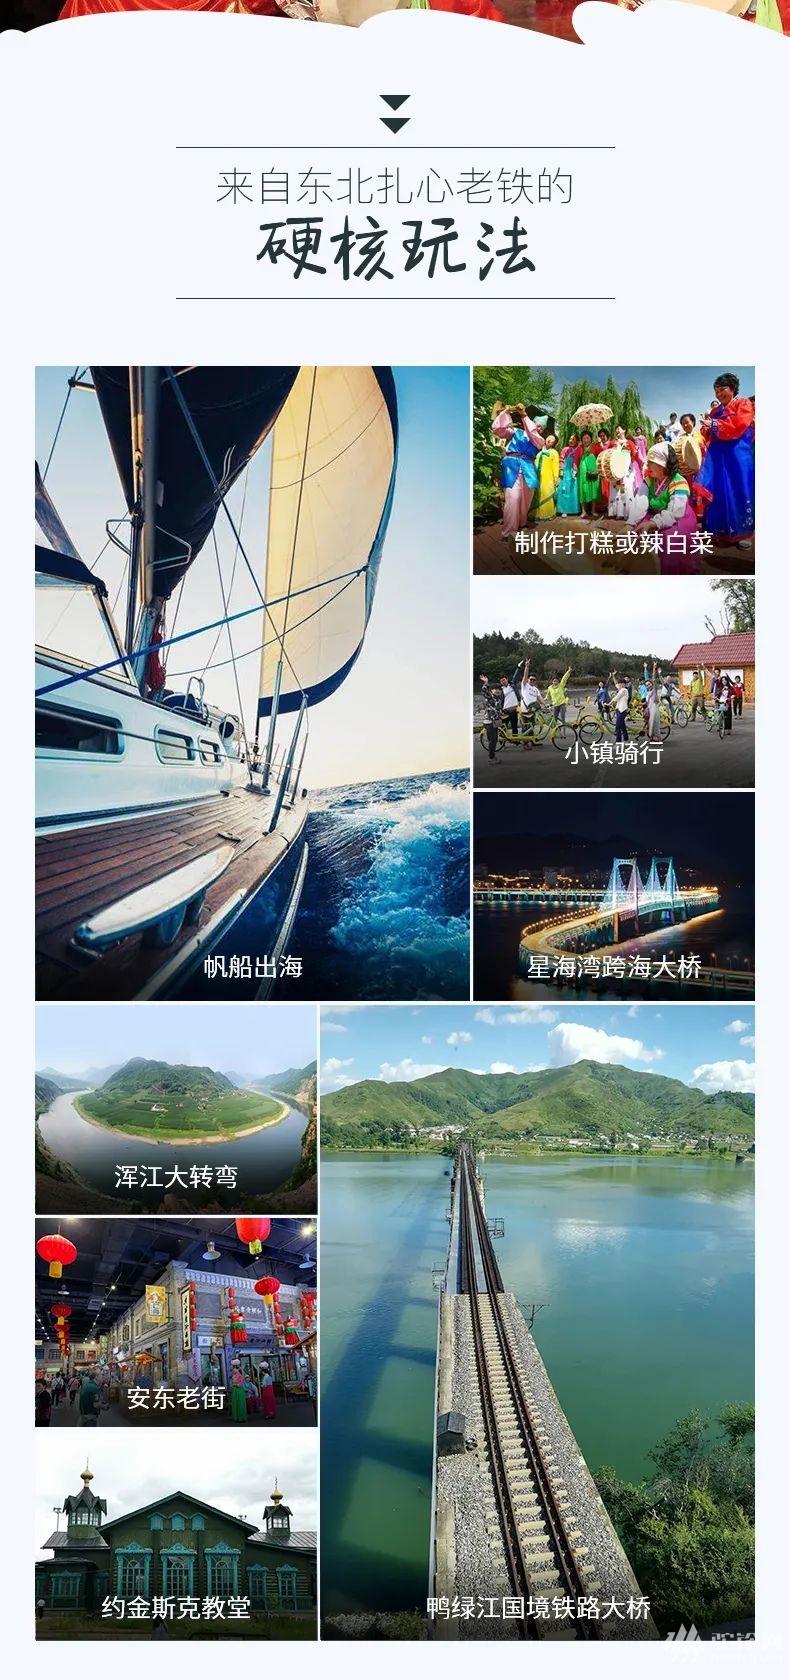 (16)从白山黑水到鸭绿江畔 从避暑夏度到渤海之滨,纵贯东北 情境人文-户外活动图-驼铃网